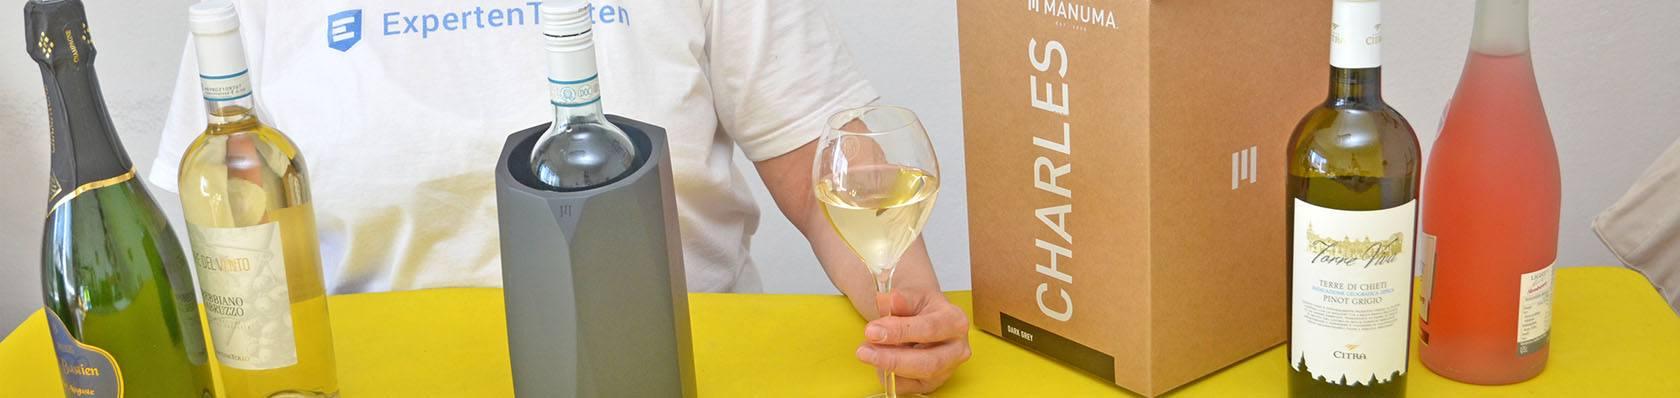 Weinkühler im Test auf ExpertenTesten.de